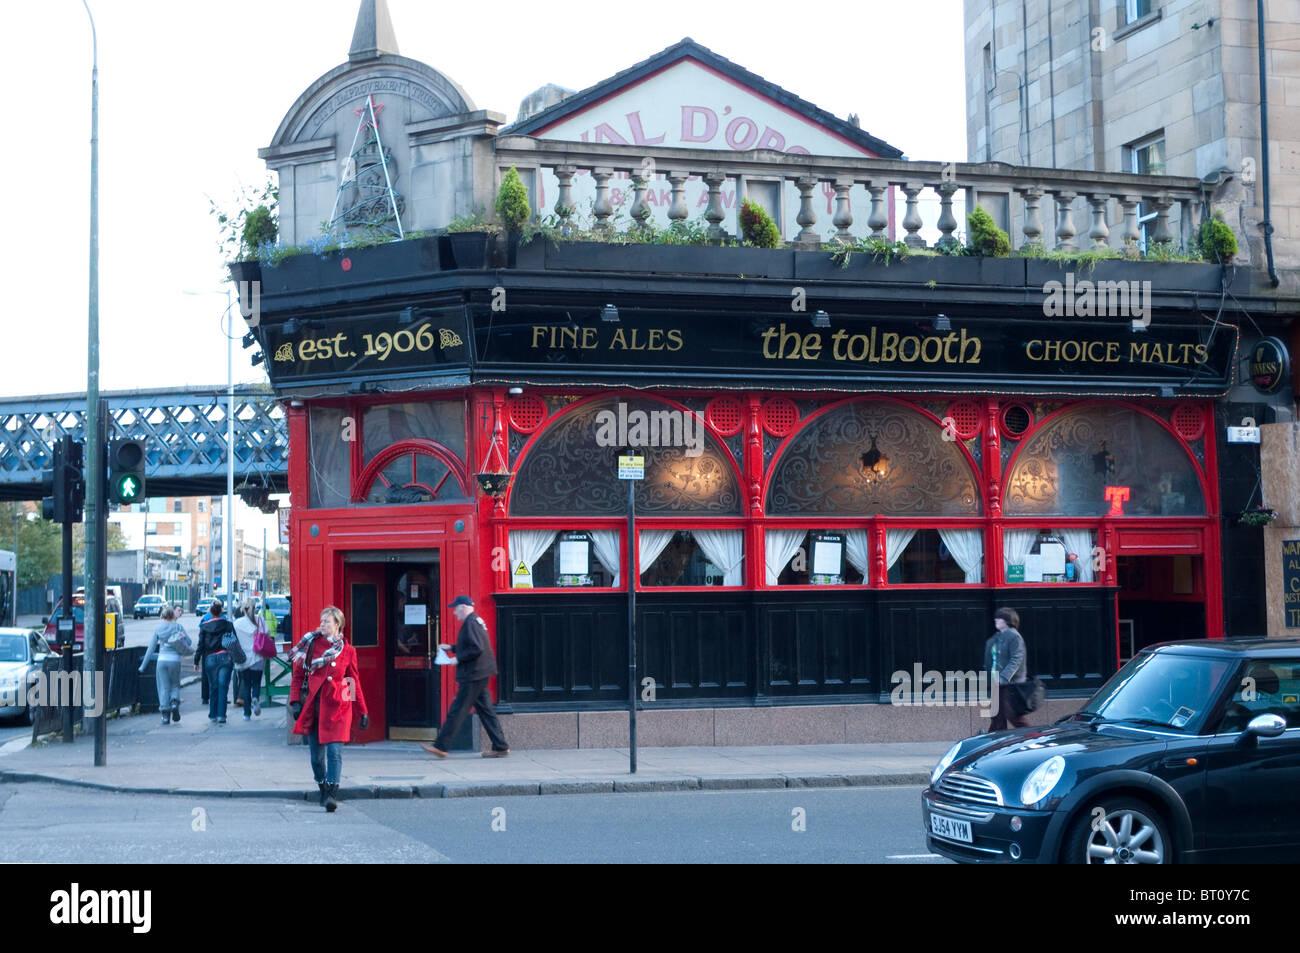 Une femme dans un manteau rouge traversant la rue près de la Pub péage péage (taverne) à Glasgow Photo Stock